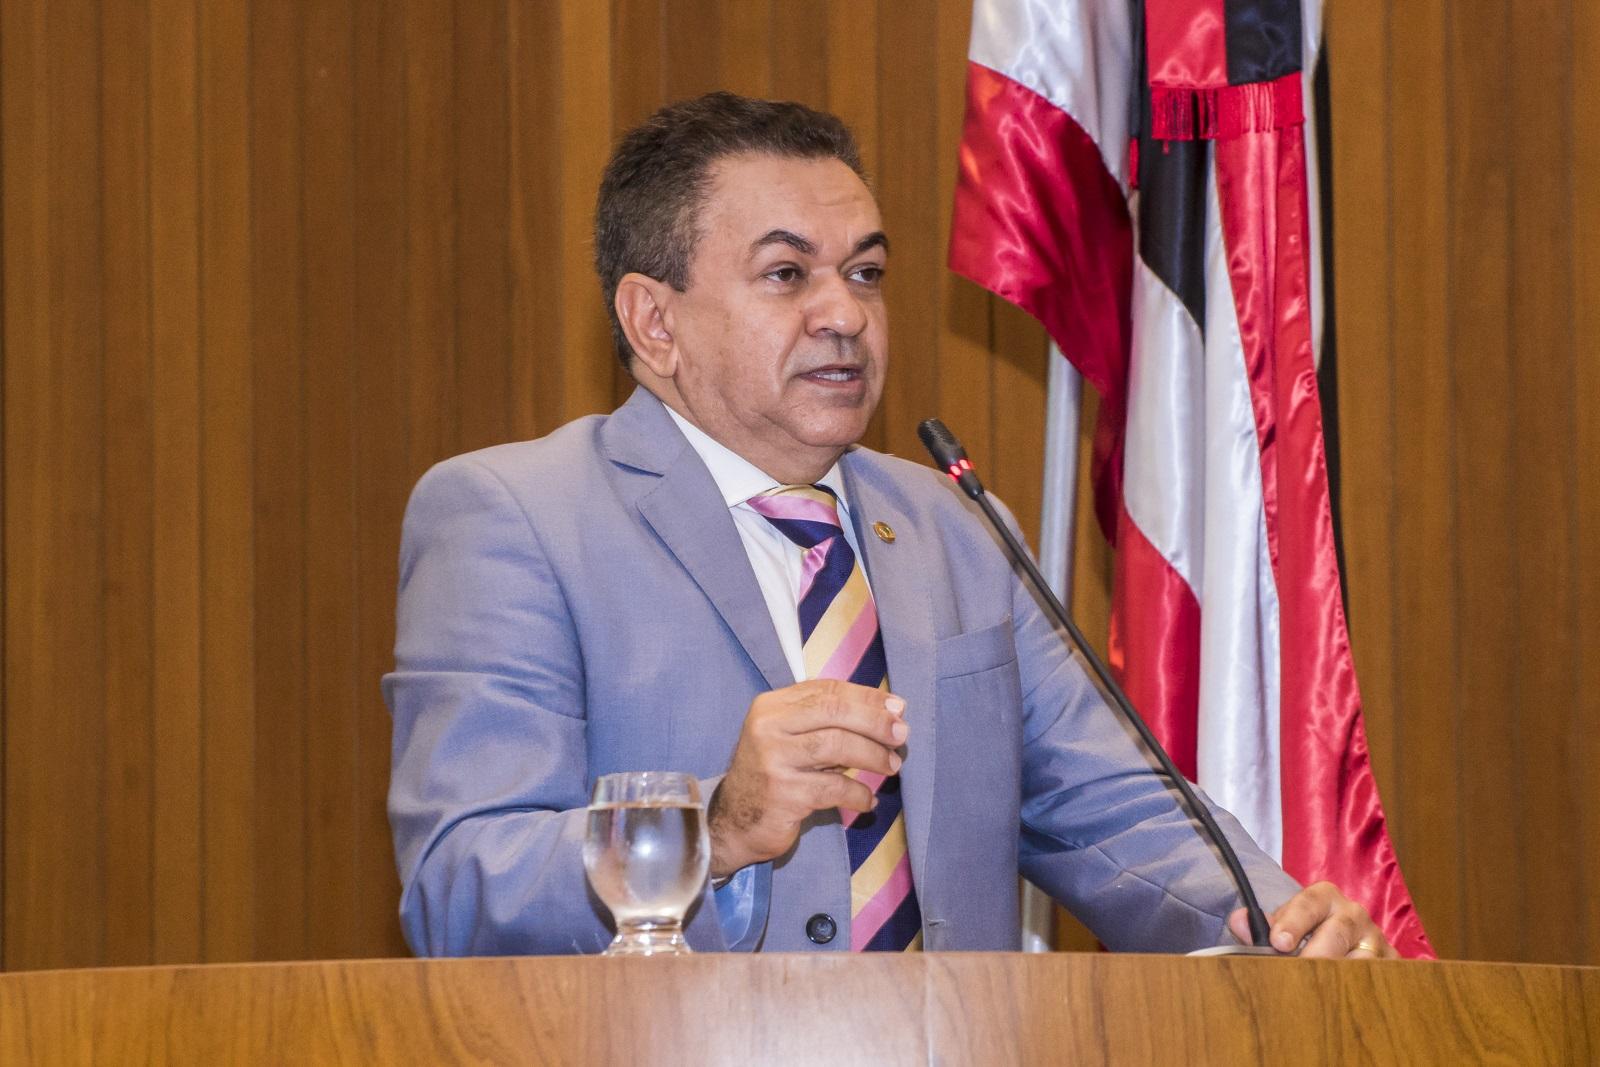 Antônio Pereira defende  professores e estudantes de Grajaú